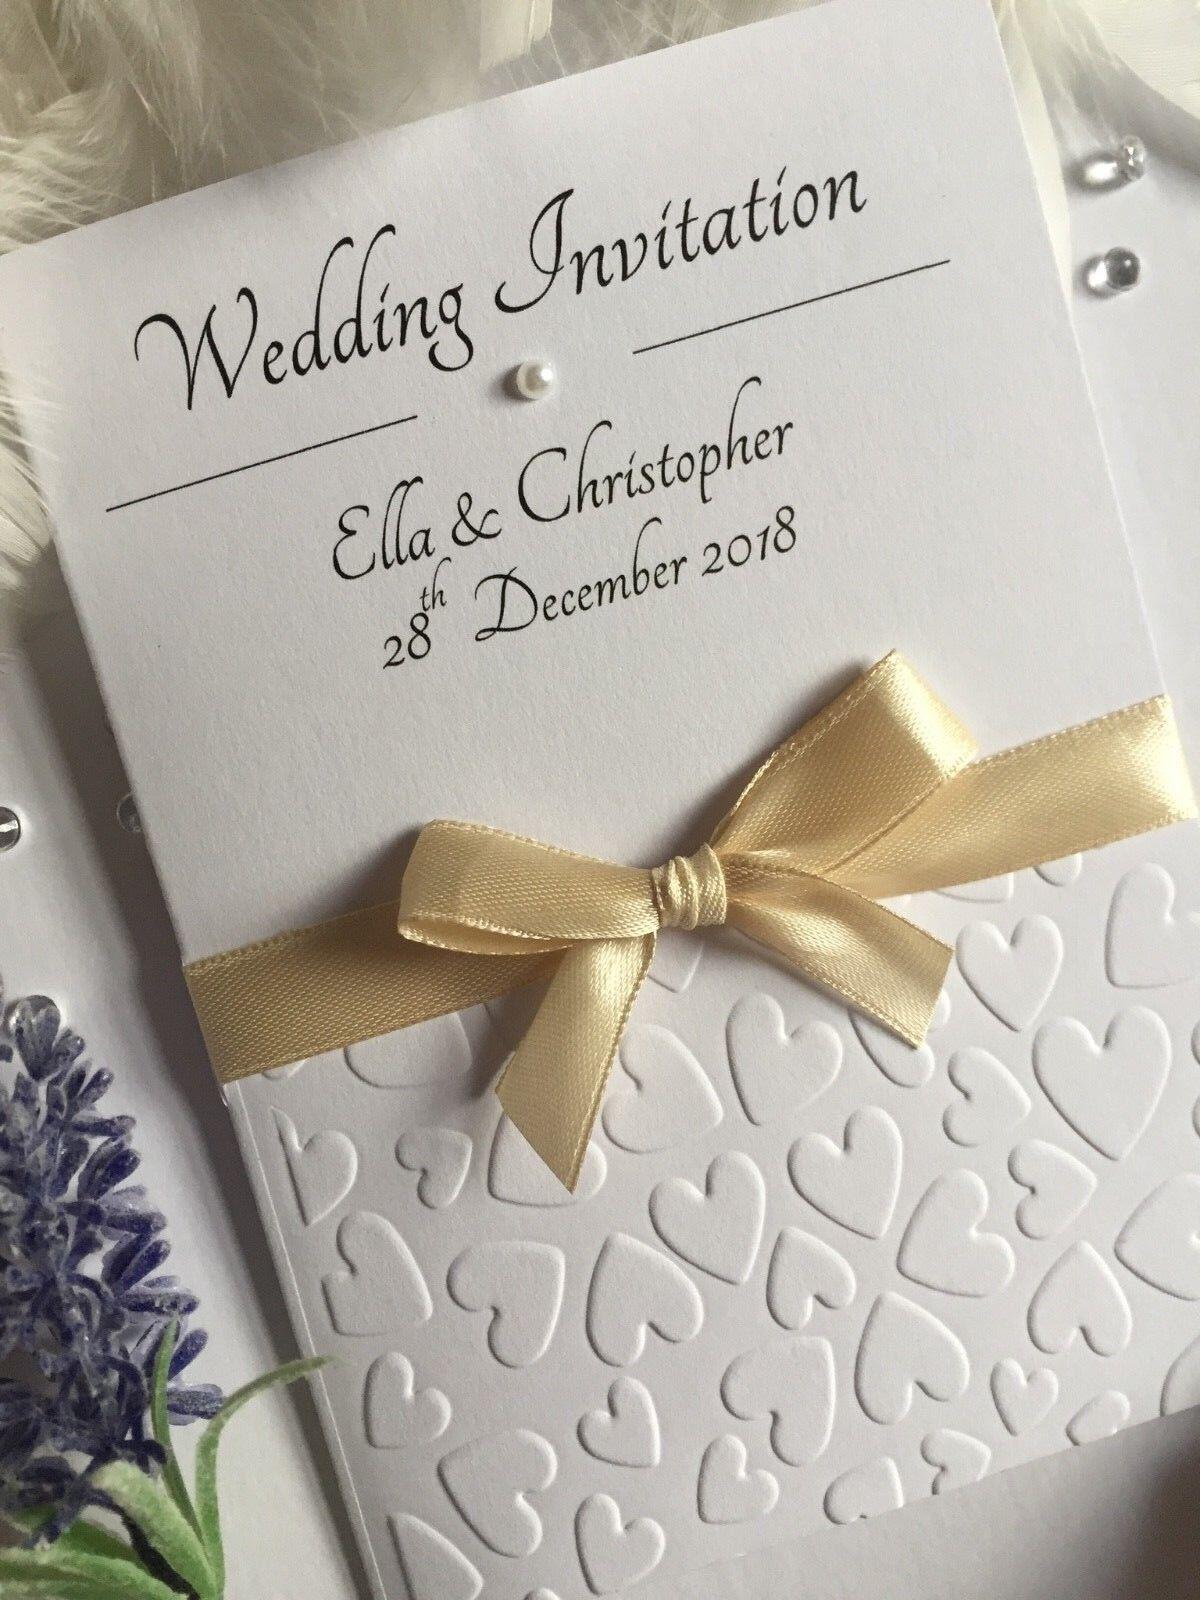 Mariage Soirée Invitations Personnalisé Logo Vertical plissé Bow | Bradées  Bradées  Bradées  14d25f